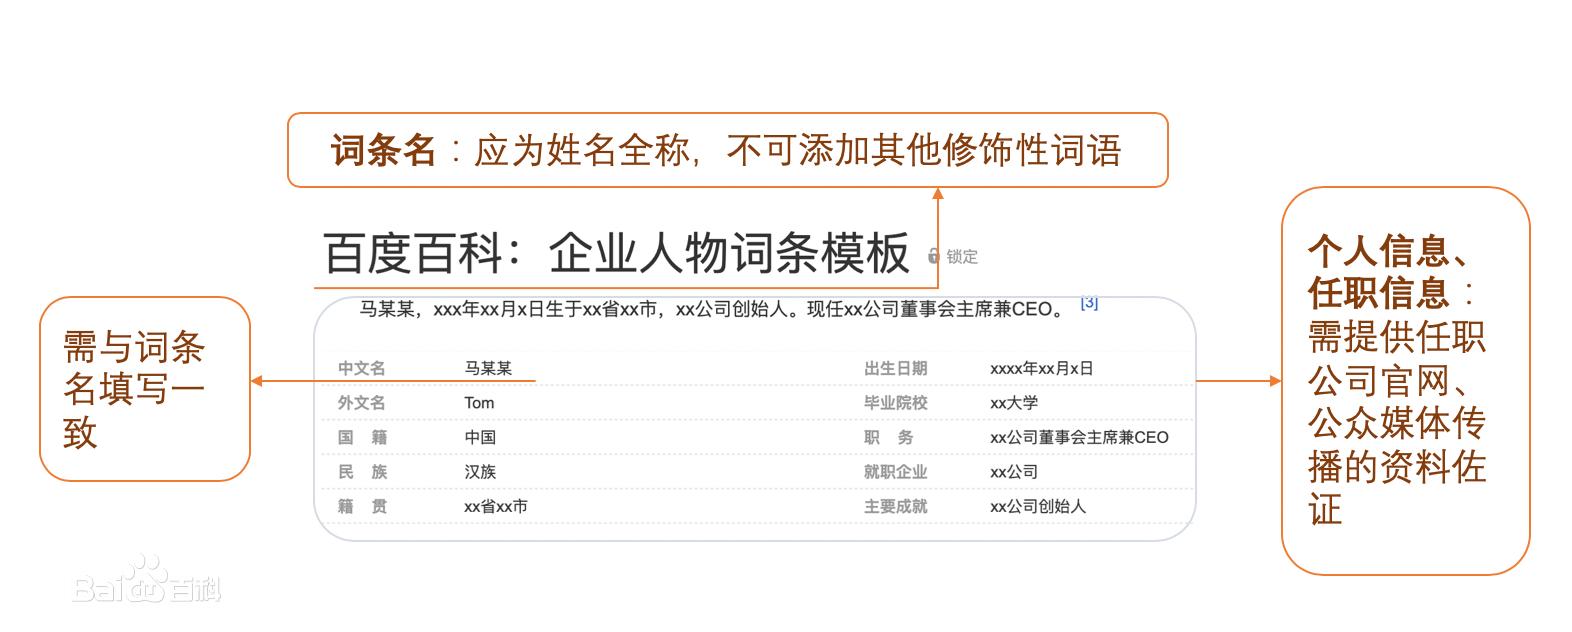 艺人演员明星人物百度百科怎么创建更新代做优化 (http://www.jiagao.net/) 百科创建 第1张